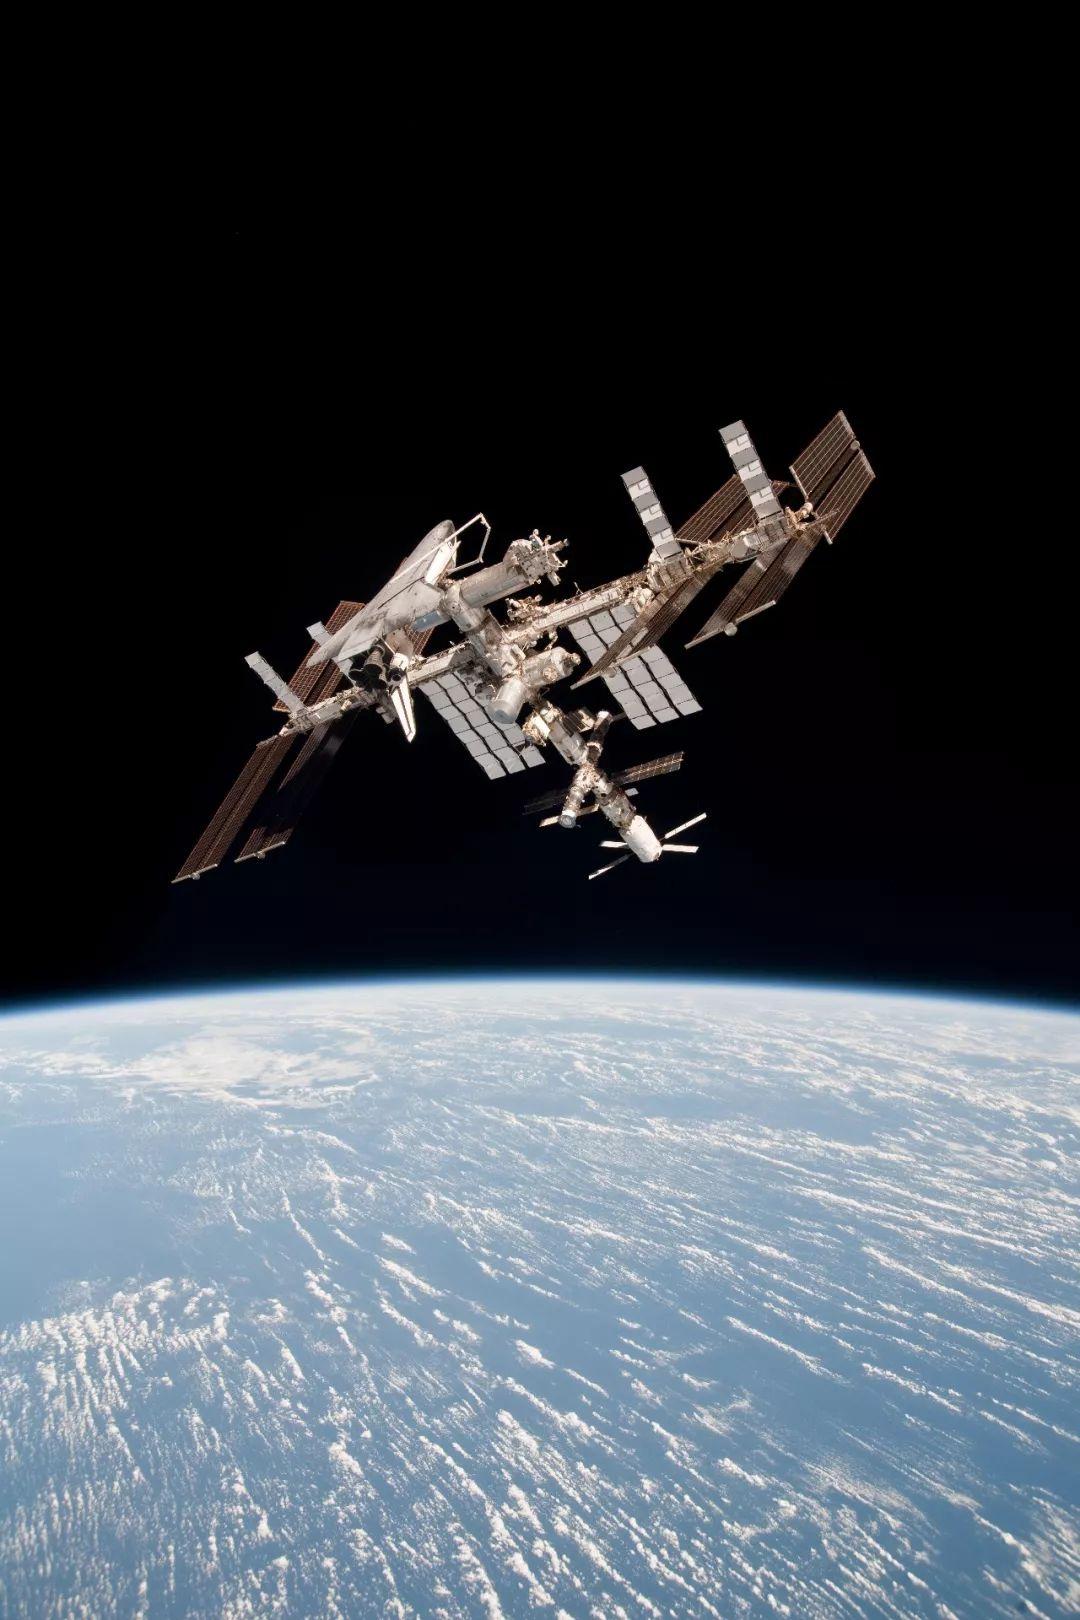 坐上Space X之前 了解一下即将成真的太空旅行吧!